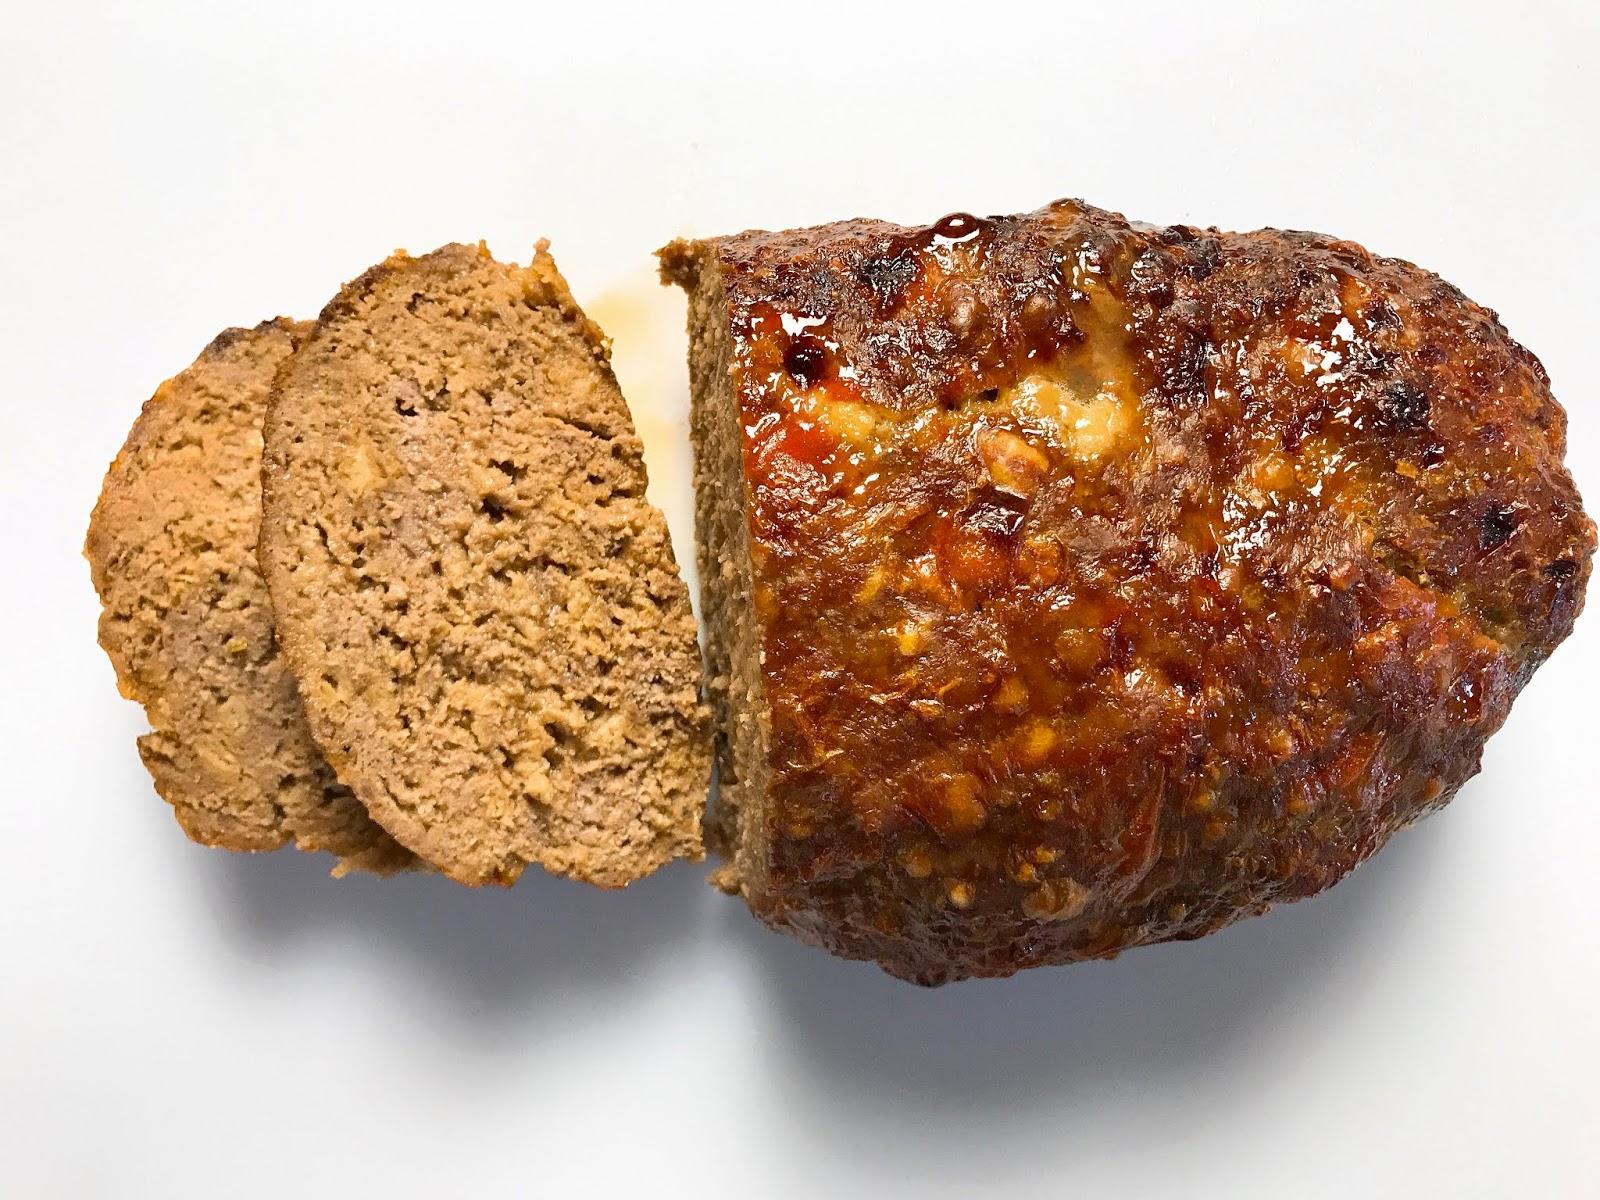 Ritz Cracker Spiked Meatloaf